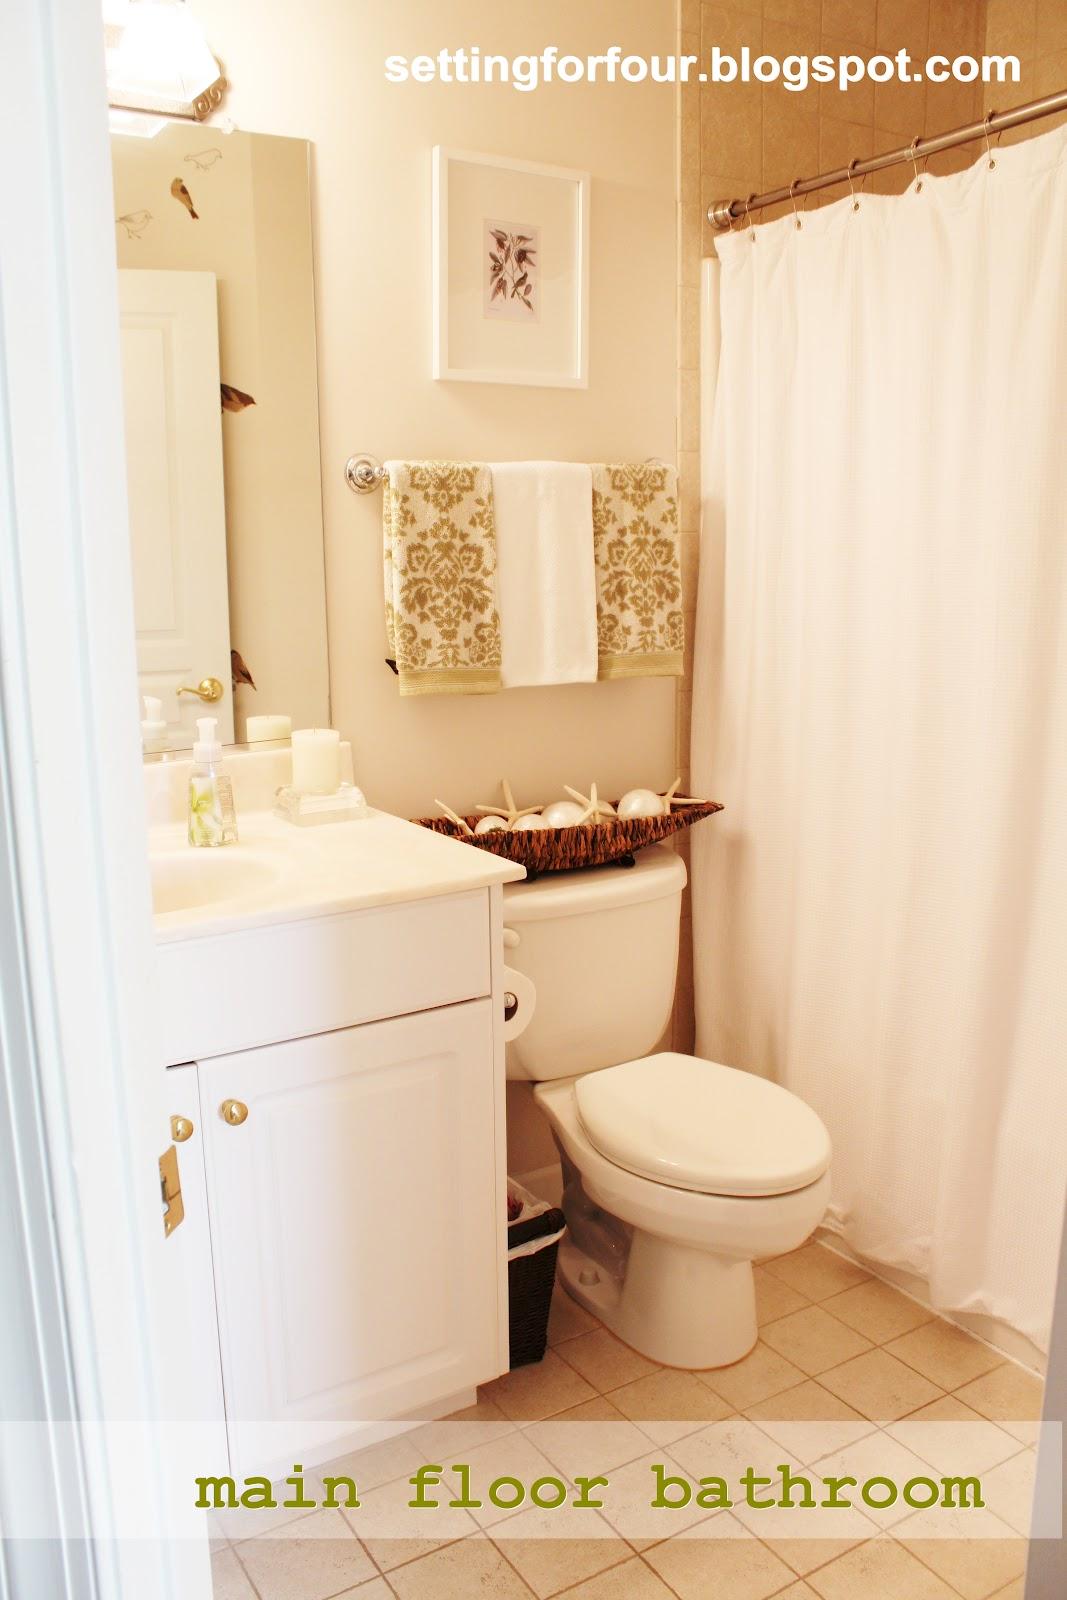 My Space Main Floor Bathroom Setting For Four